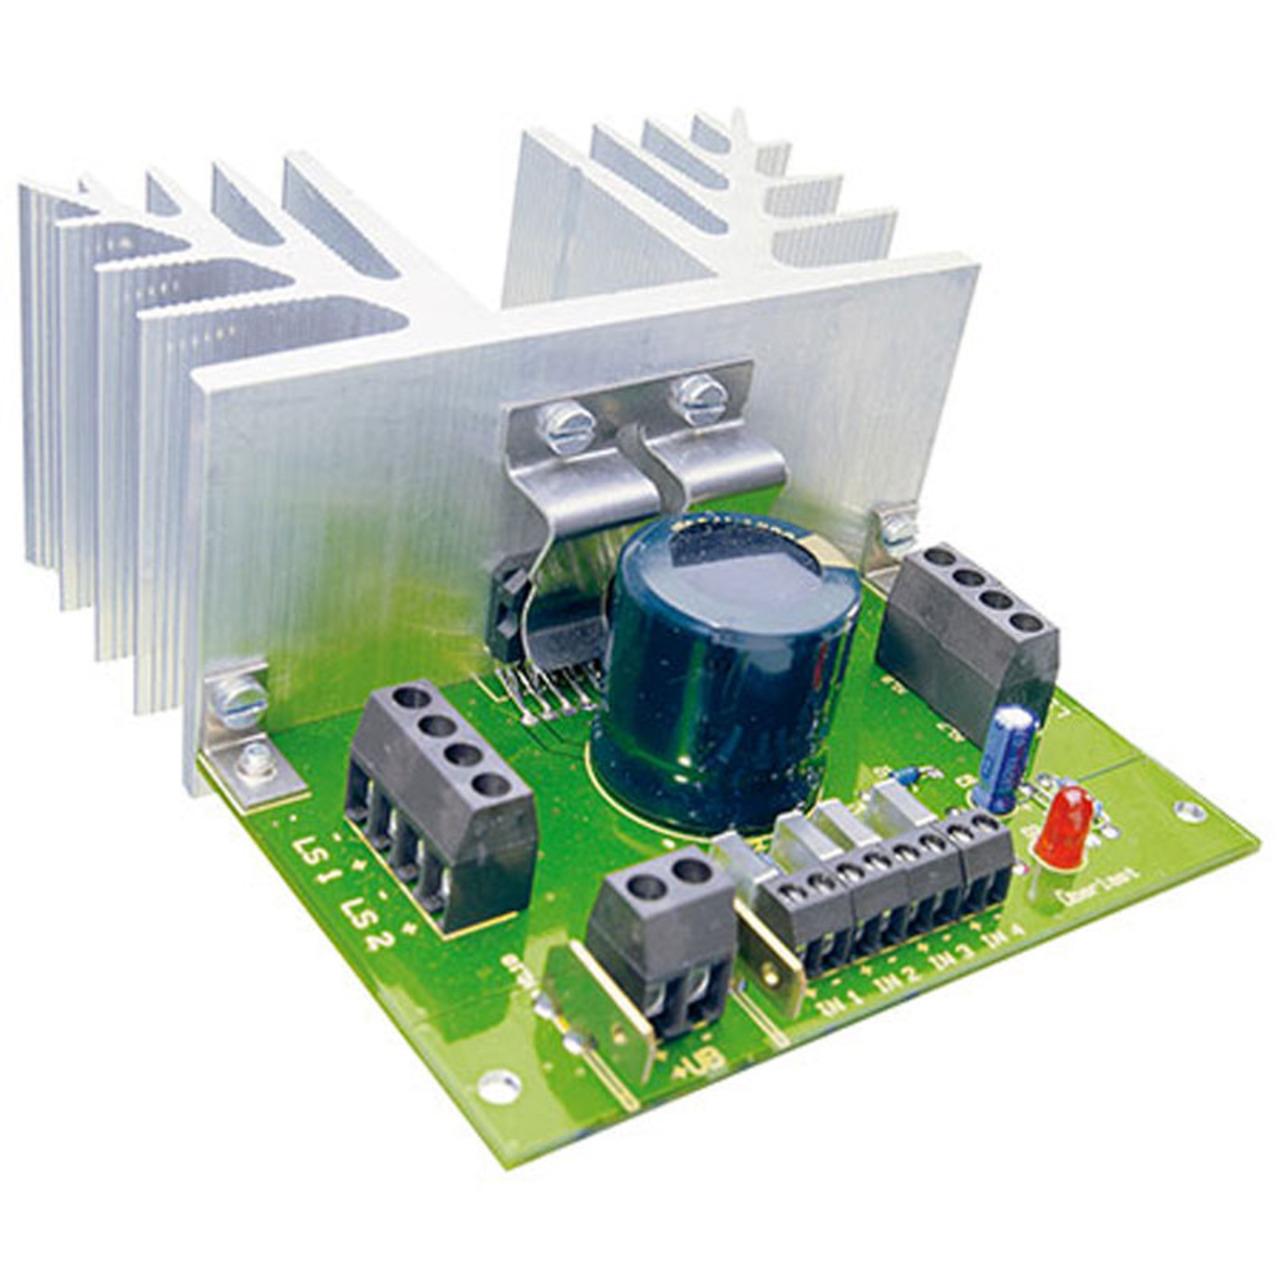 ELV Komplettbausatz Verstärker V 40- 4x40 Watt- ohne Kühlkörper